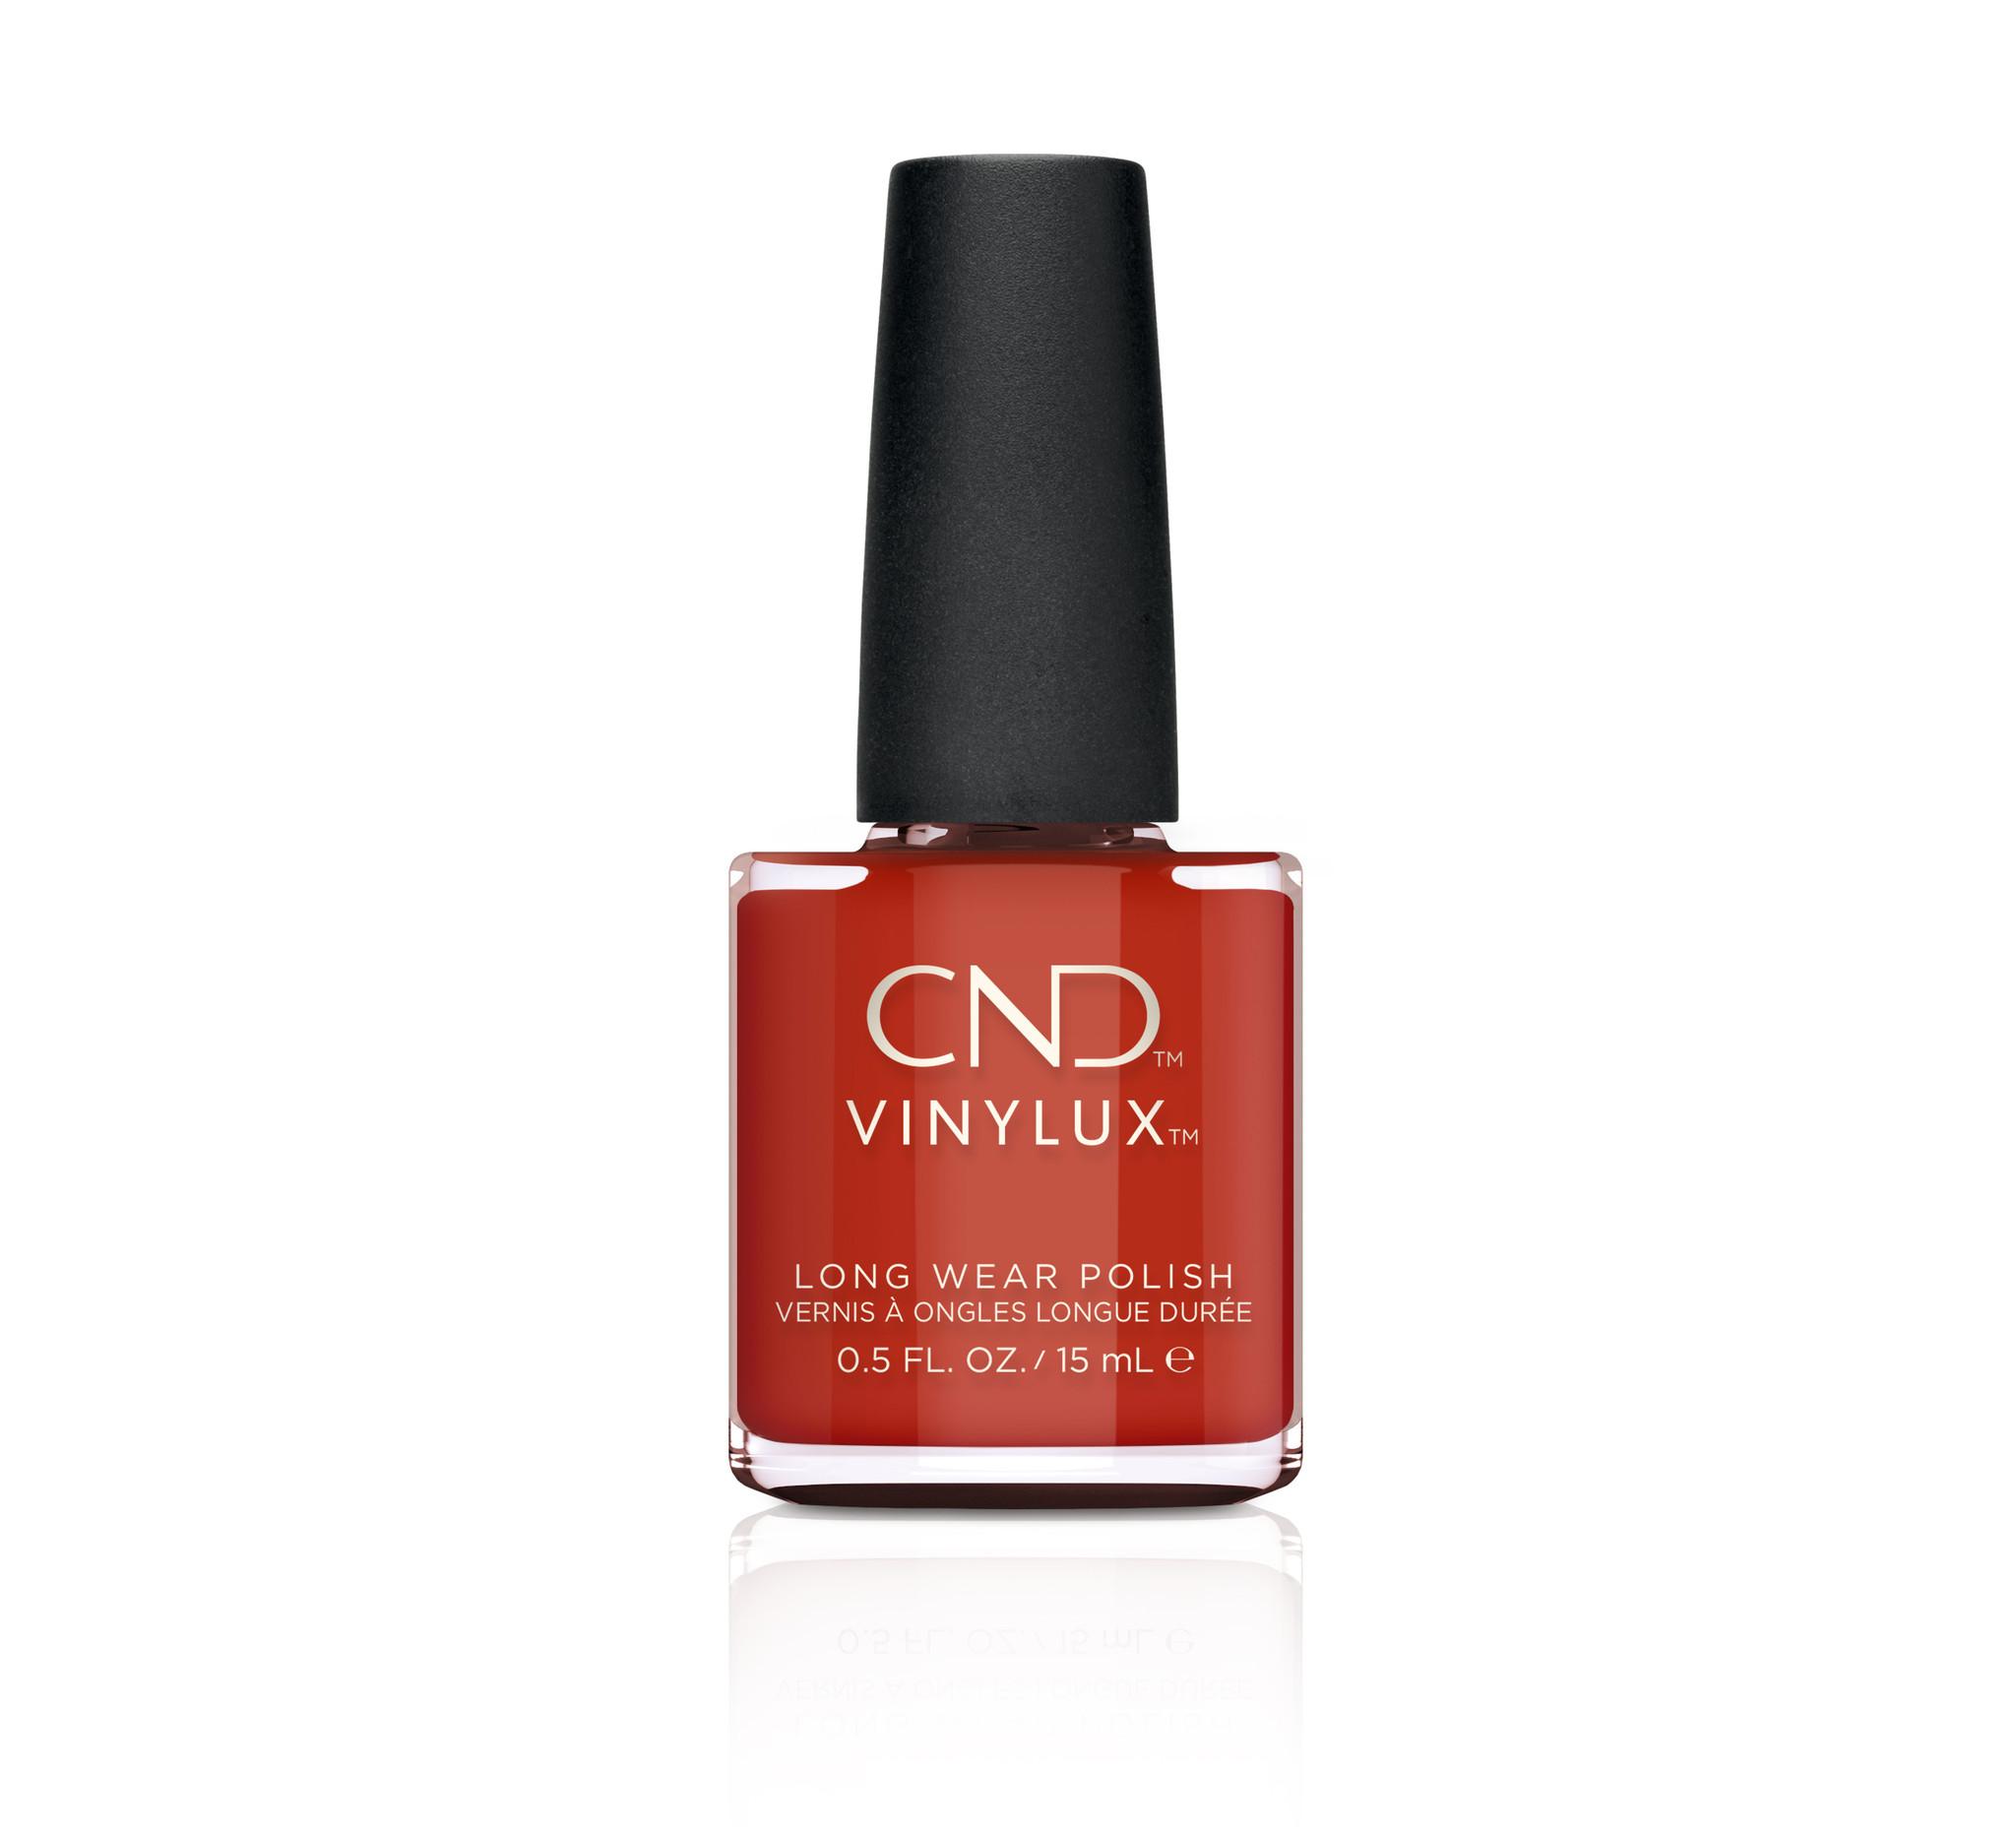 CND vinylux Vernis à ongles longue durée: HOT OR KNOT